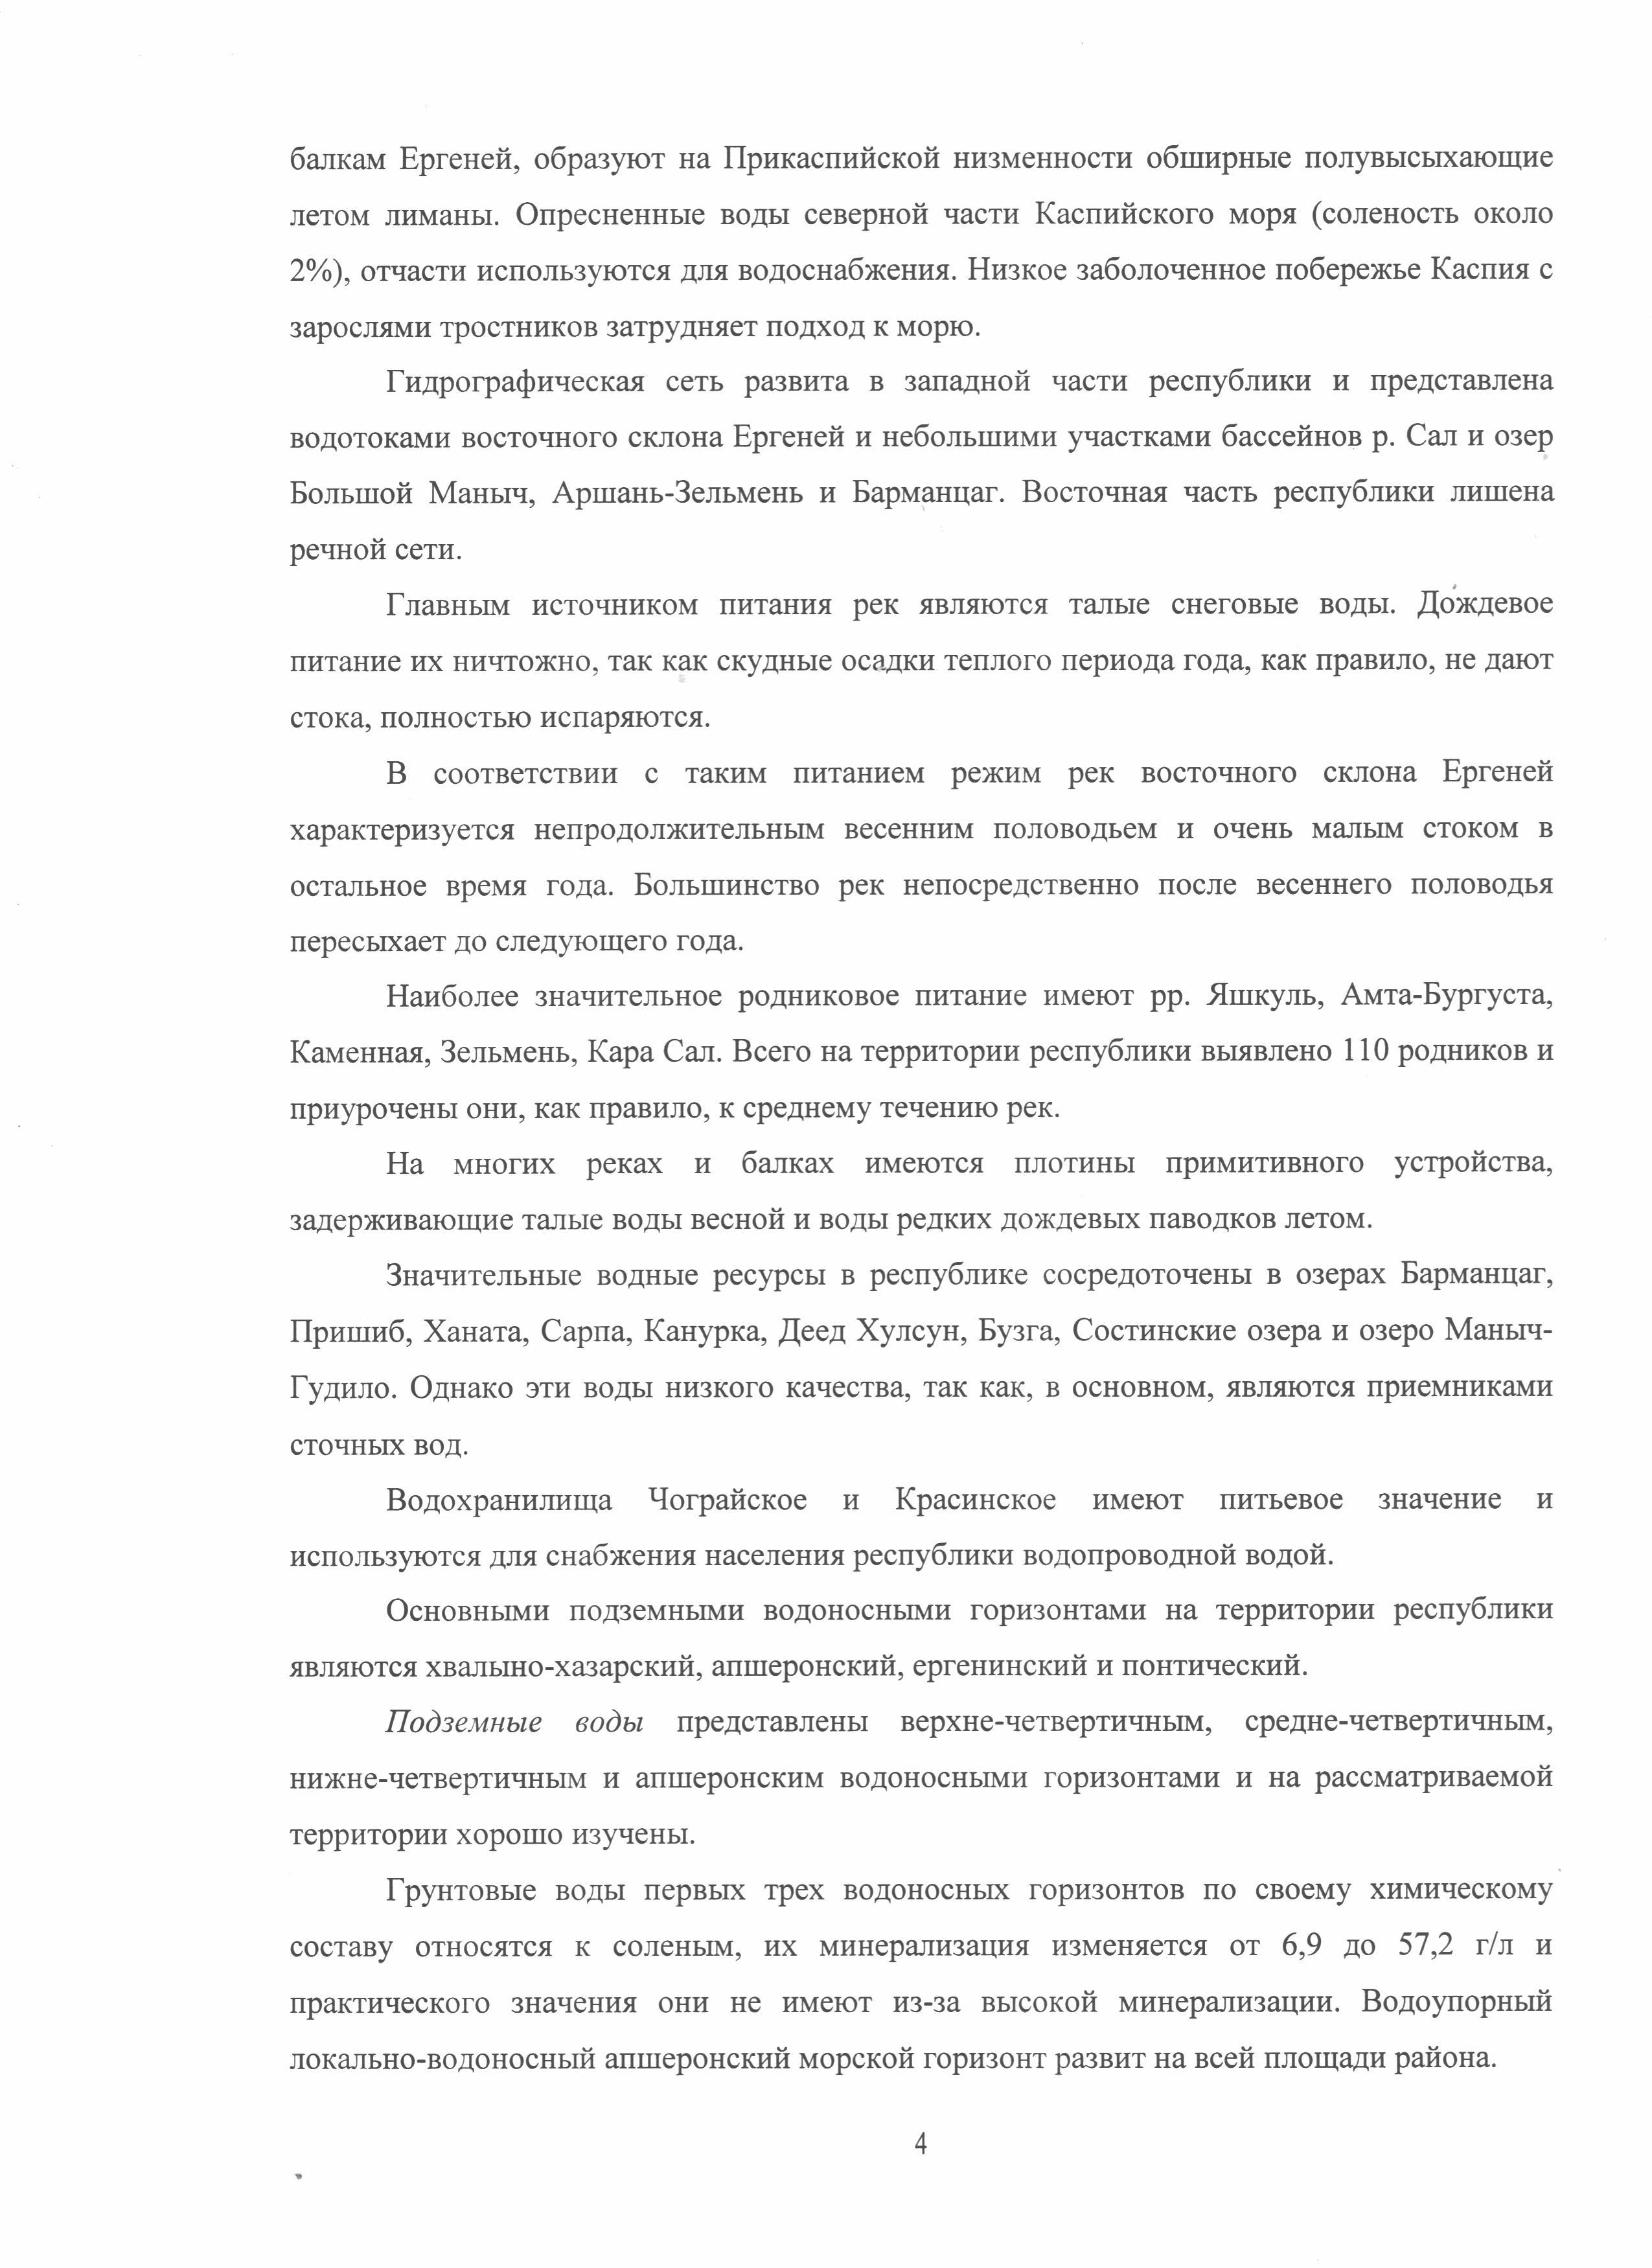 F:\диагностика\Сангаджиев В.Н\2015-09-28\029.tif